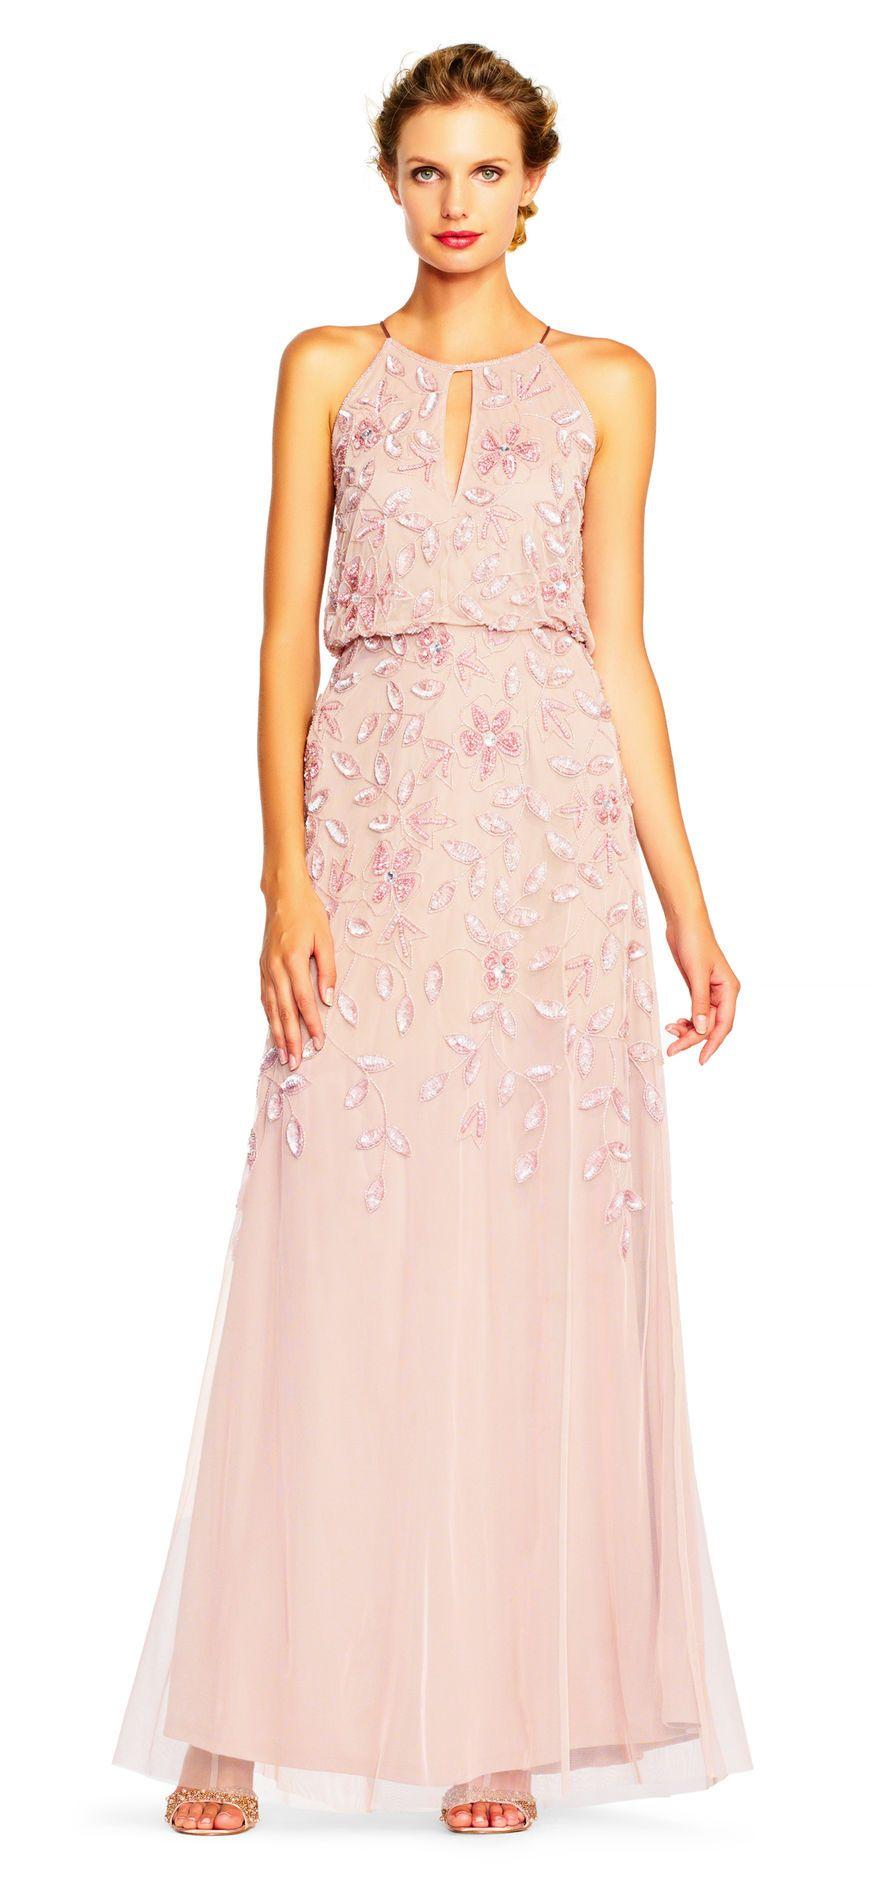 Floral Beaded Blouson Halter Gown | Pinterest